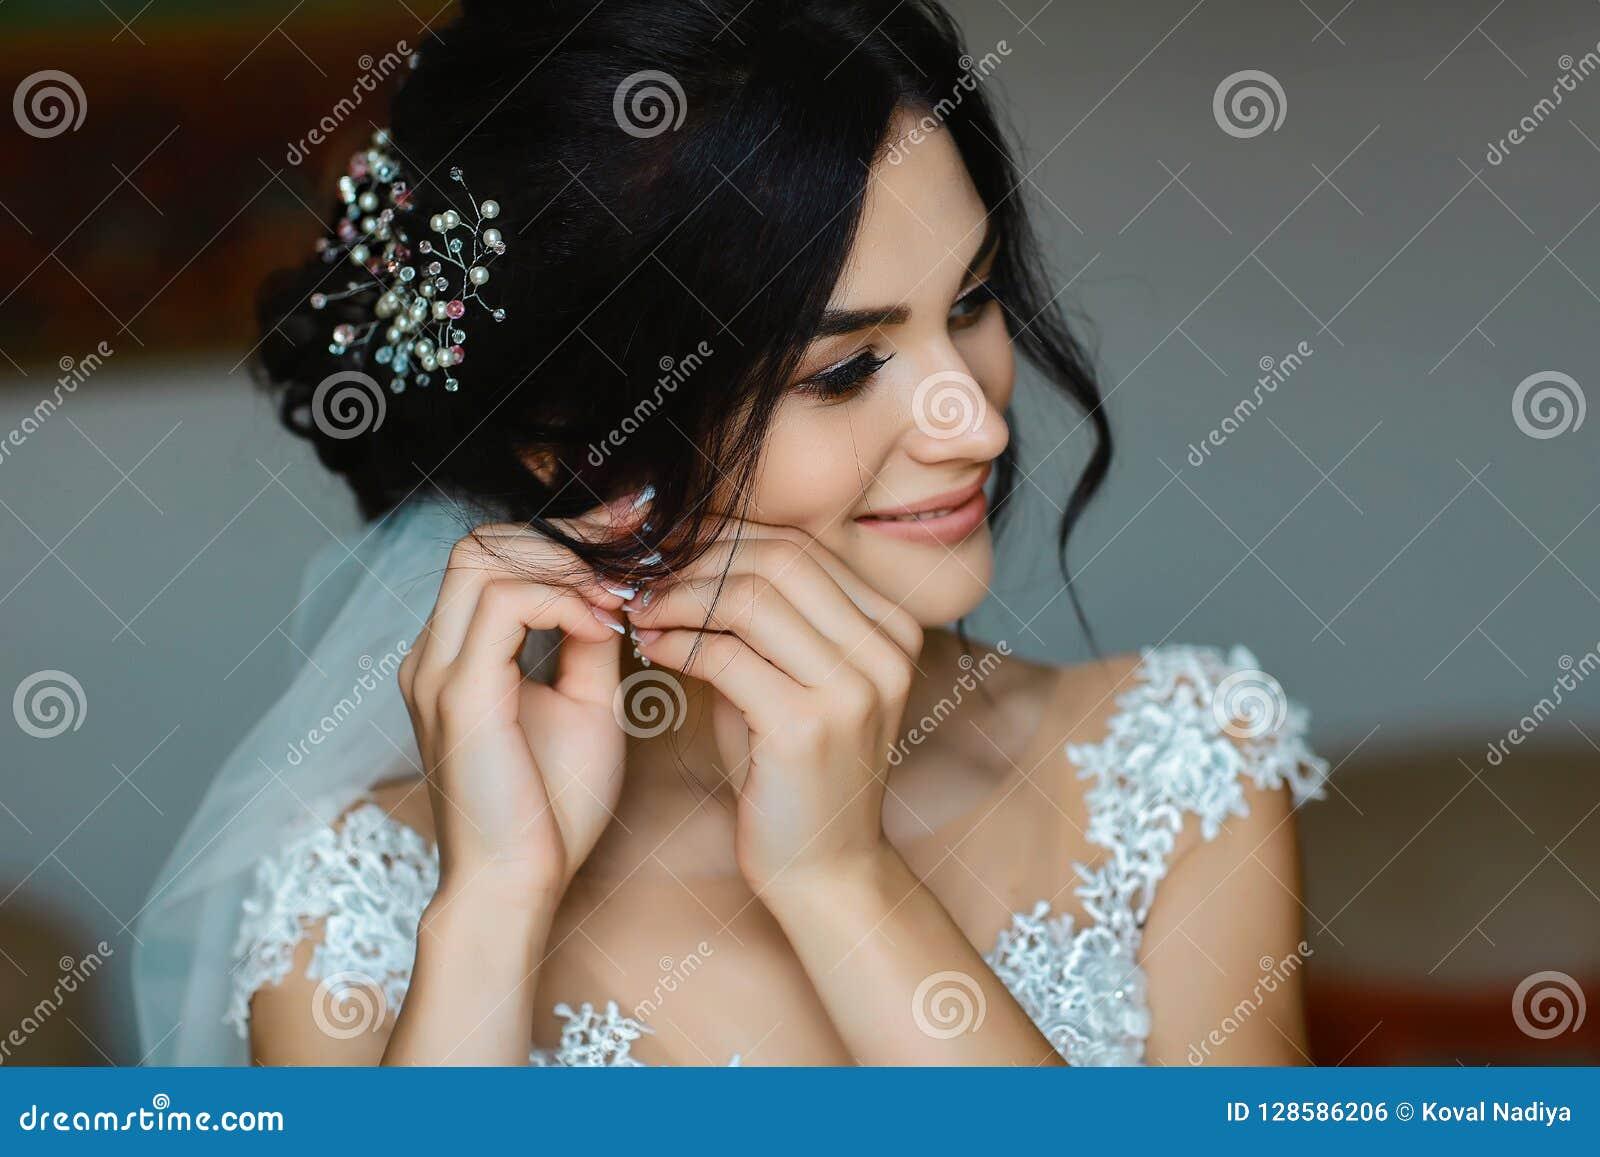 Bröllopörhängen på kvinnliga handkläder, tar hon örhängena, brudavgifterna, morgonbruden, kvinna i den vita klänningen